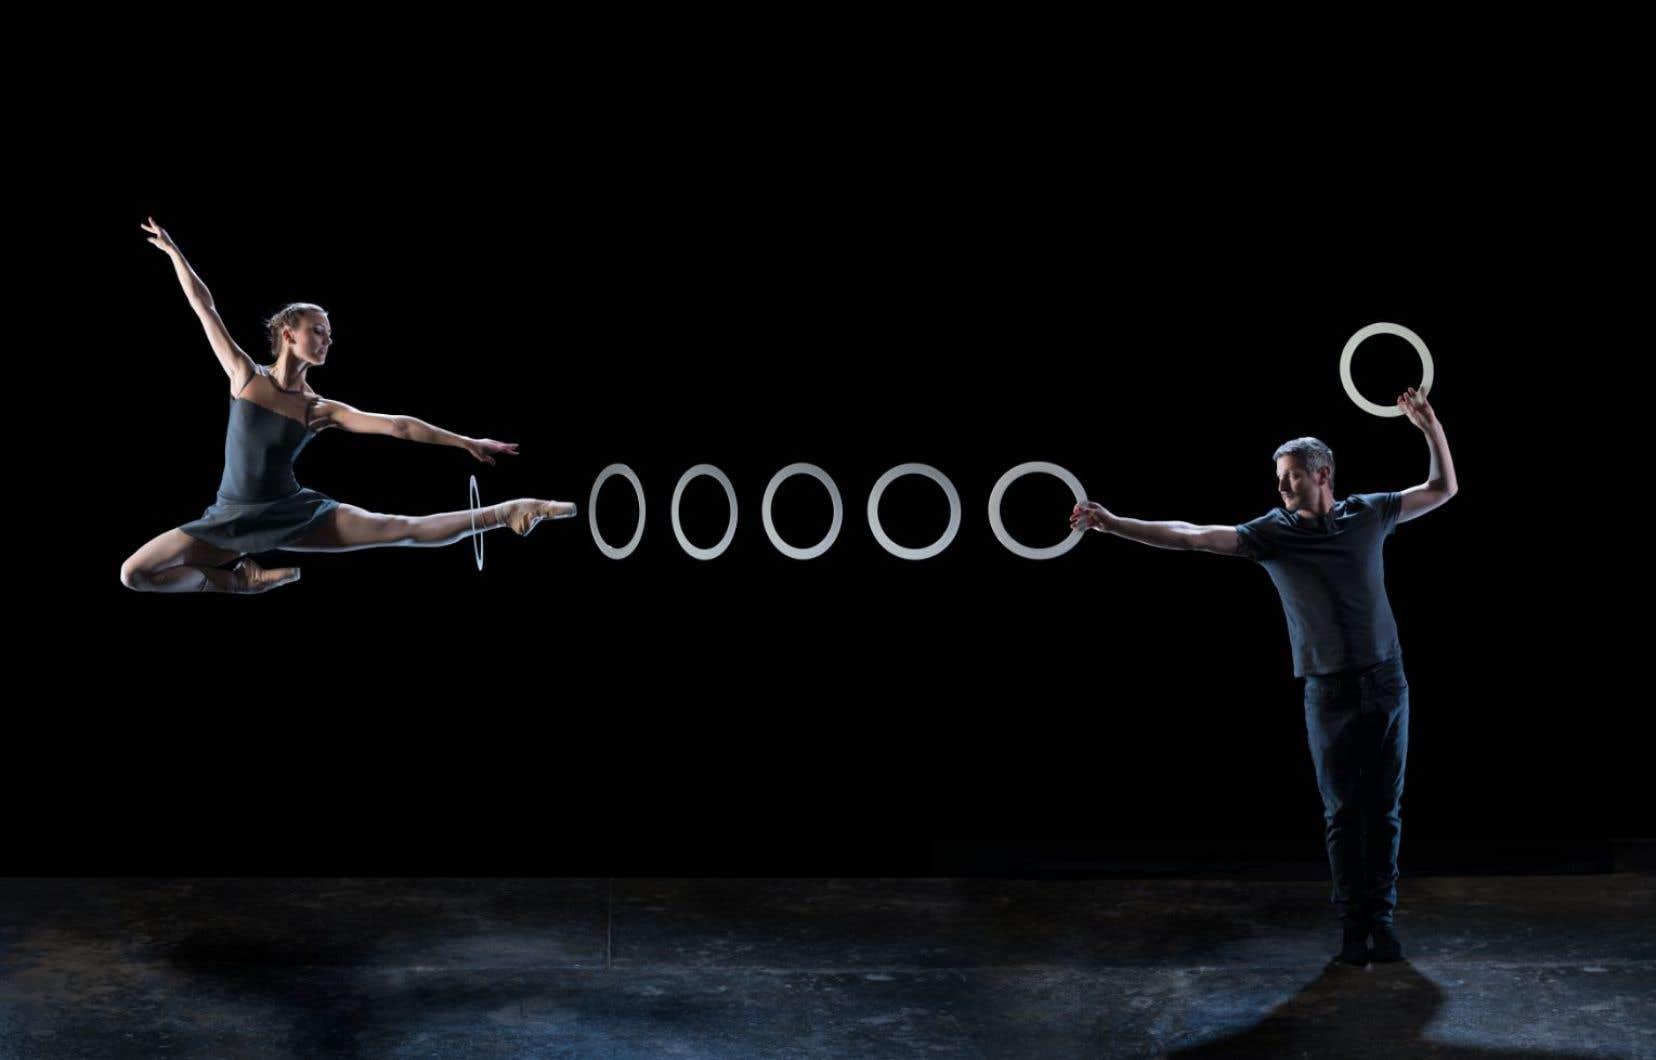 Dans la nouvelle création du cirque Gandini Juggling, les fruits ont été remplacés par des balles, des quilles et des anneaux, et la danse moderne par le ballet classique.